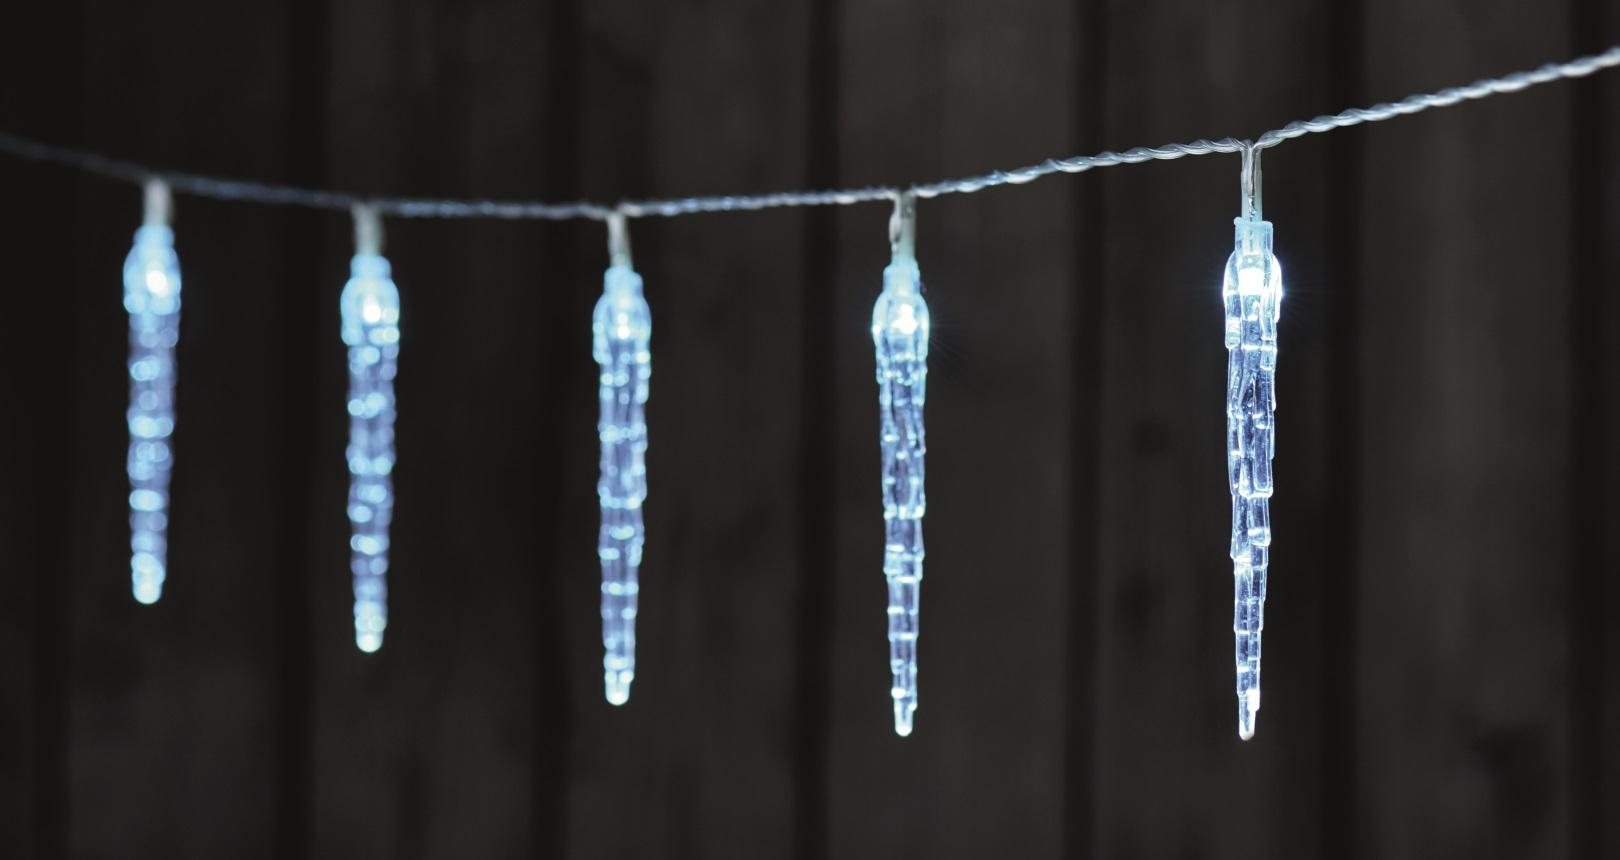 Rampouchy 10 cm svítící řetěz 1,35 m, 10 LED studená bílá